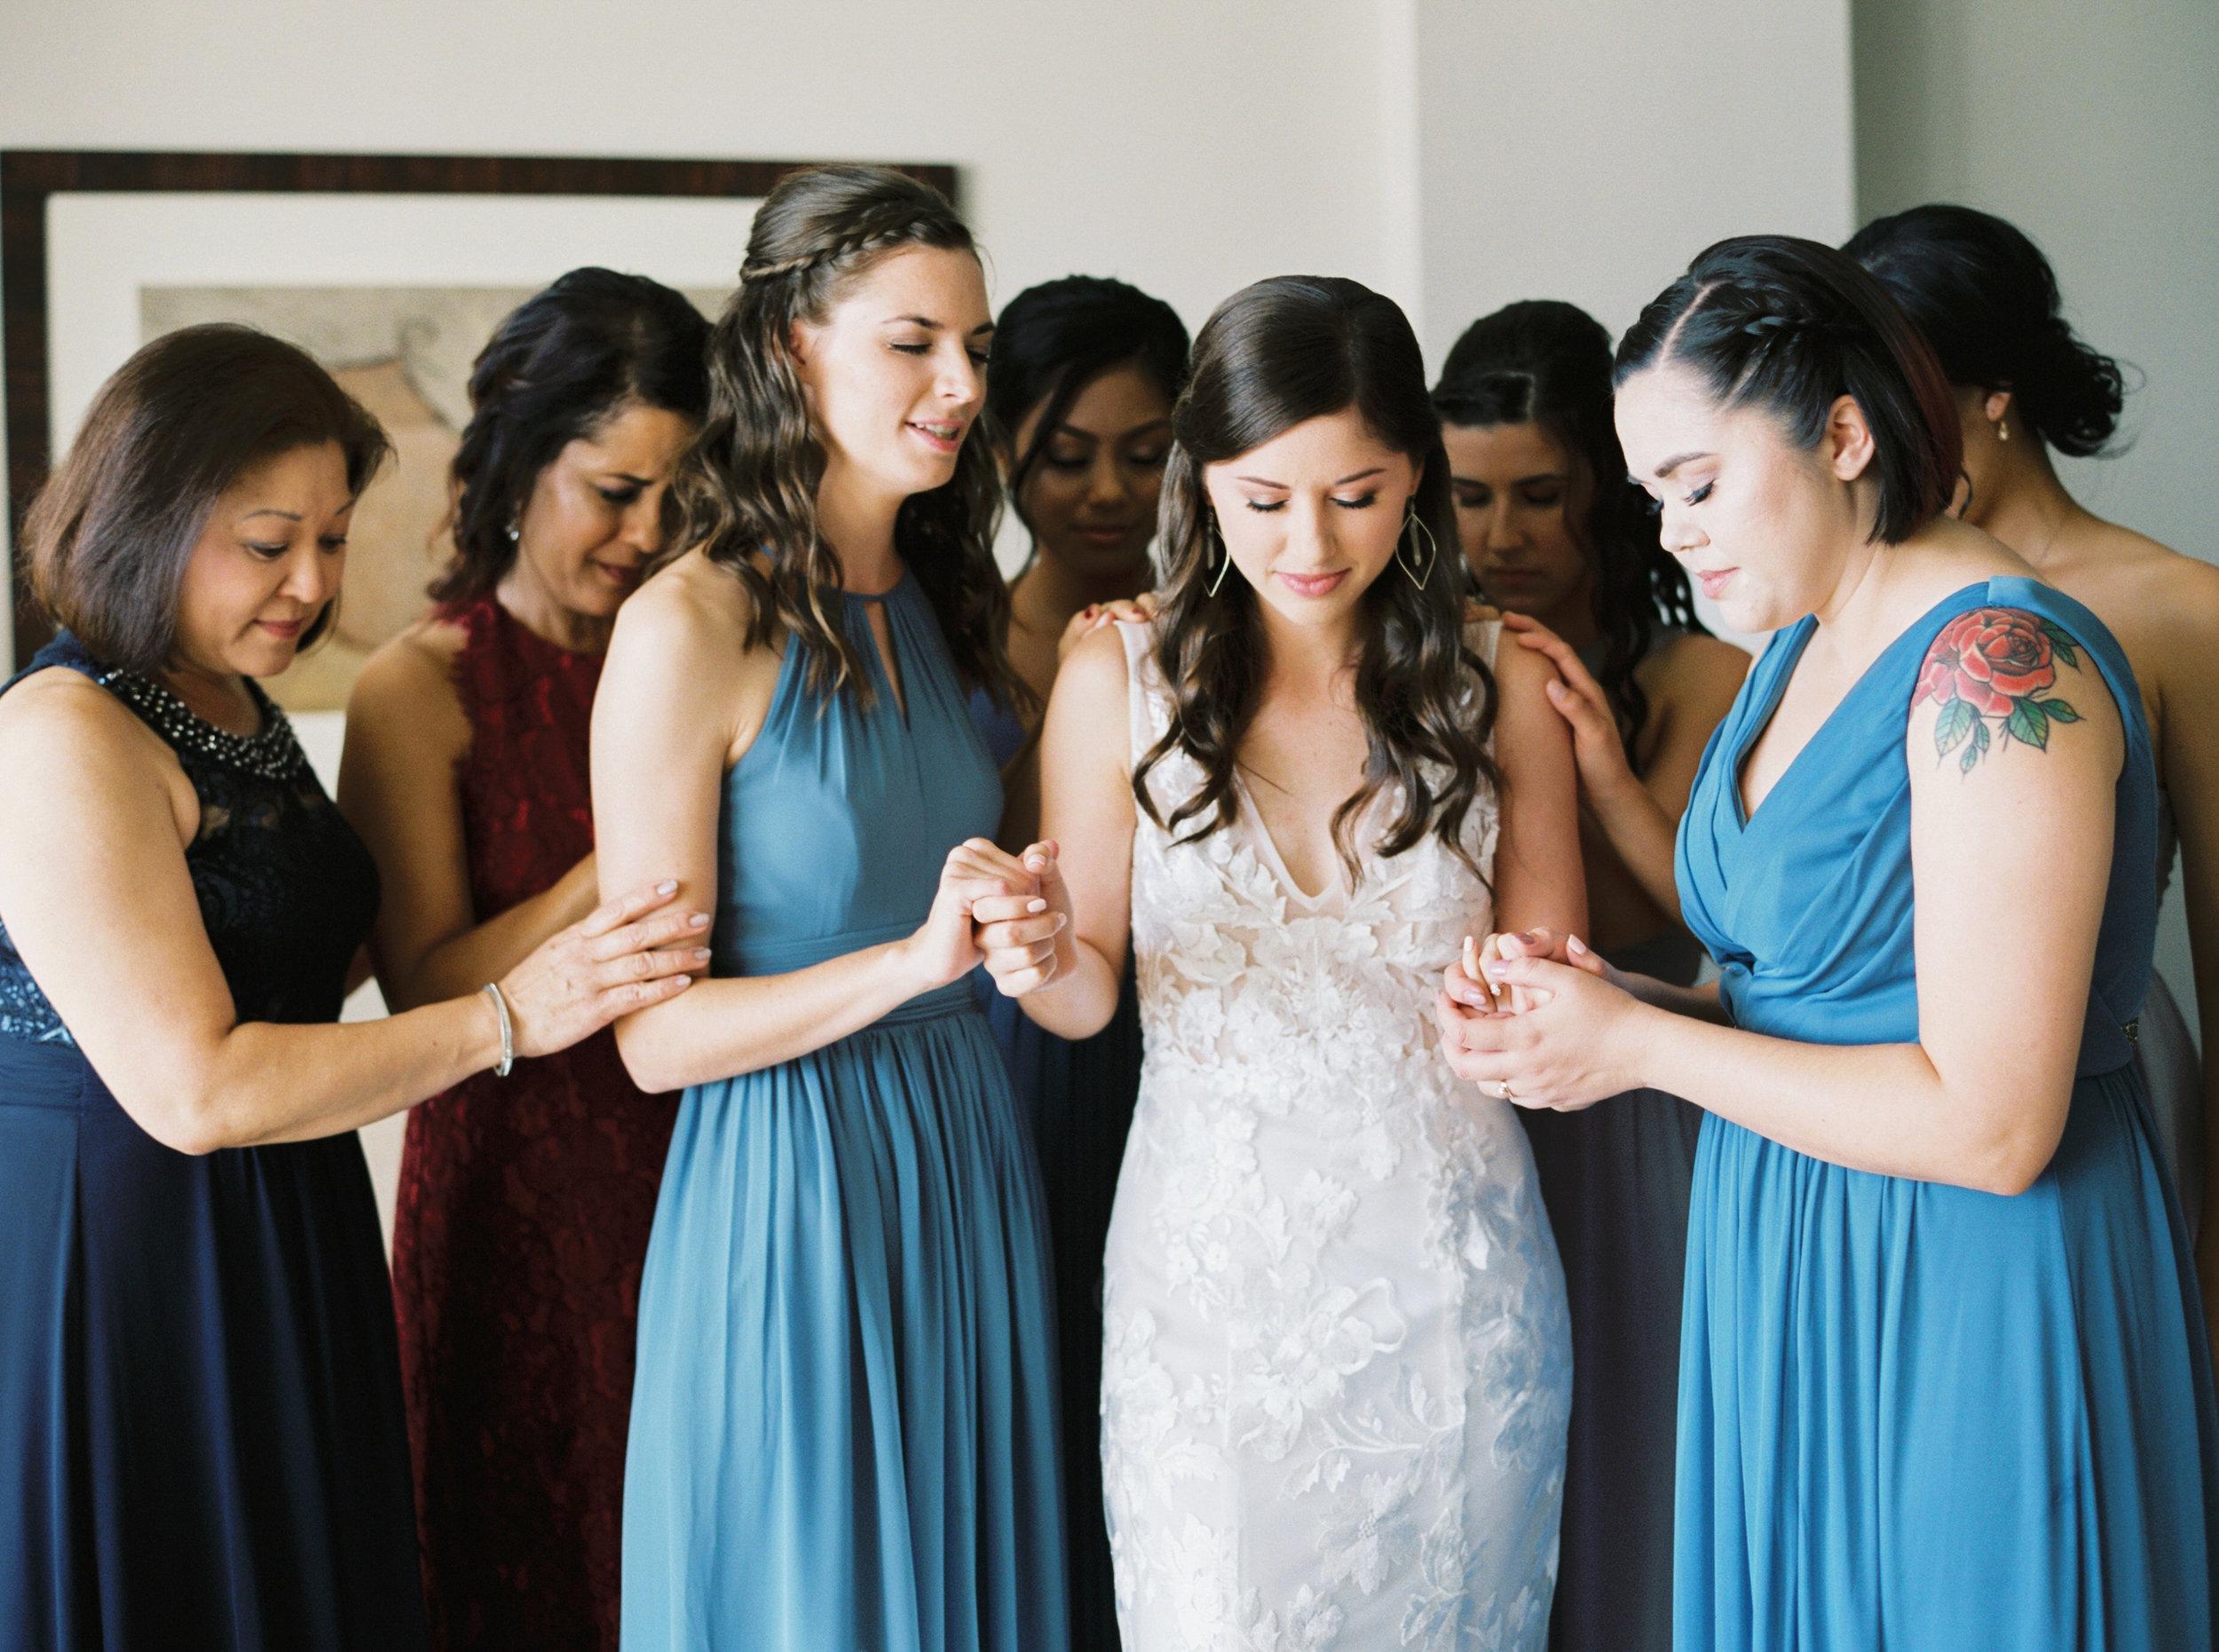 Praying before the wedding